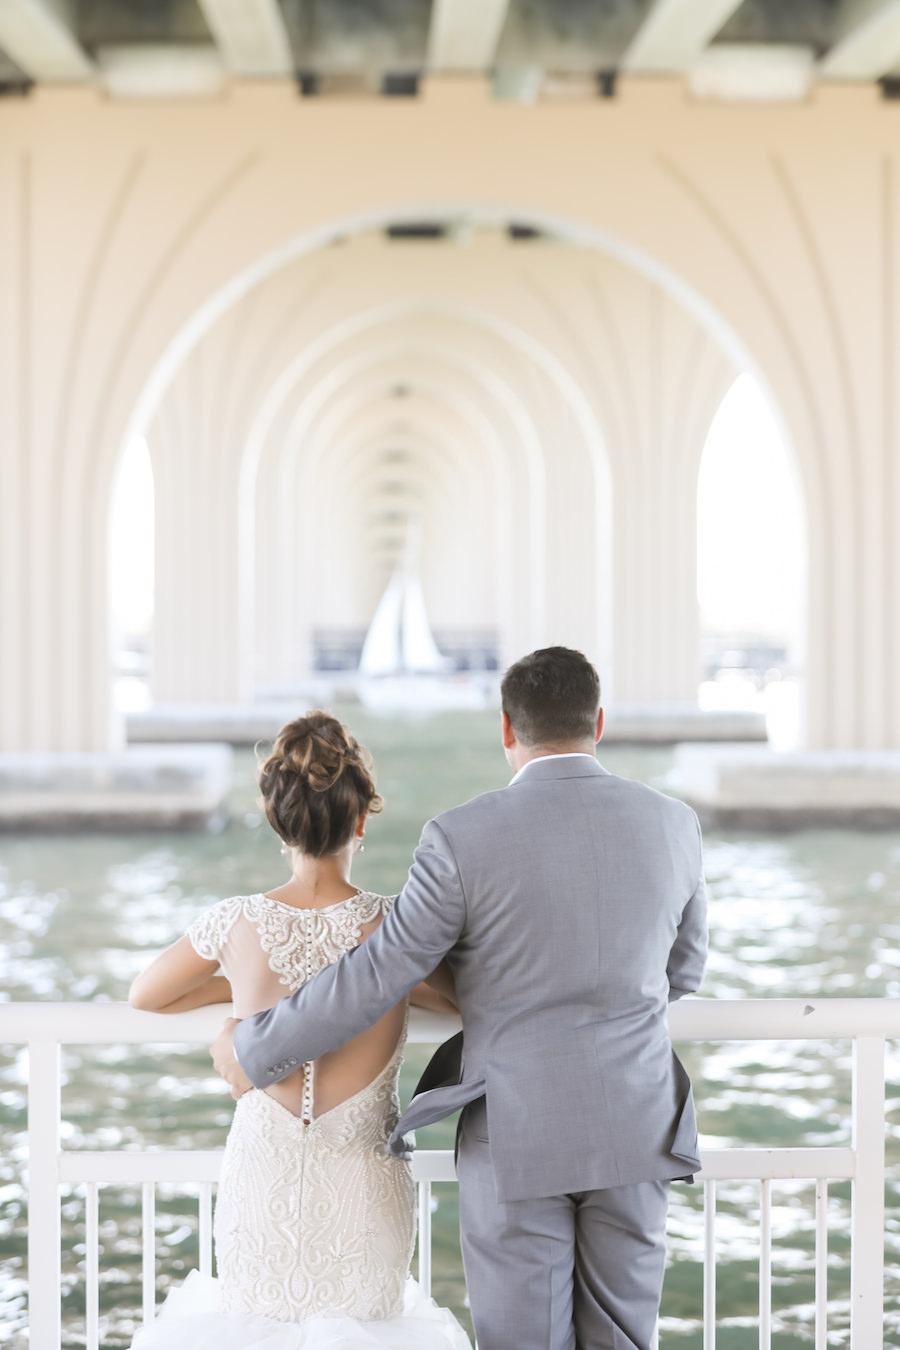 Outdoor Industrial Waterfront Wedding Portrait | Outdoor St Petersburg Wedding